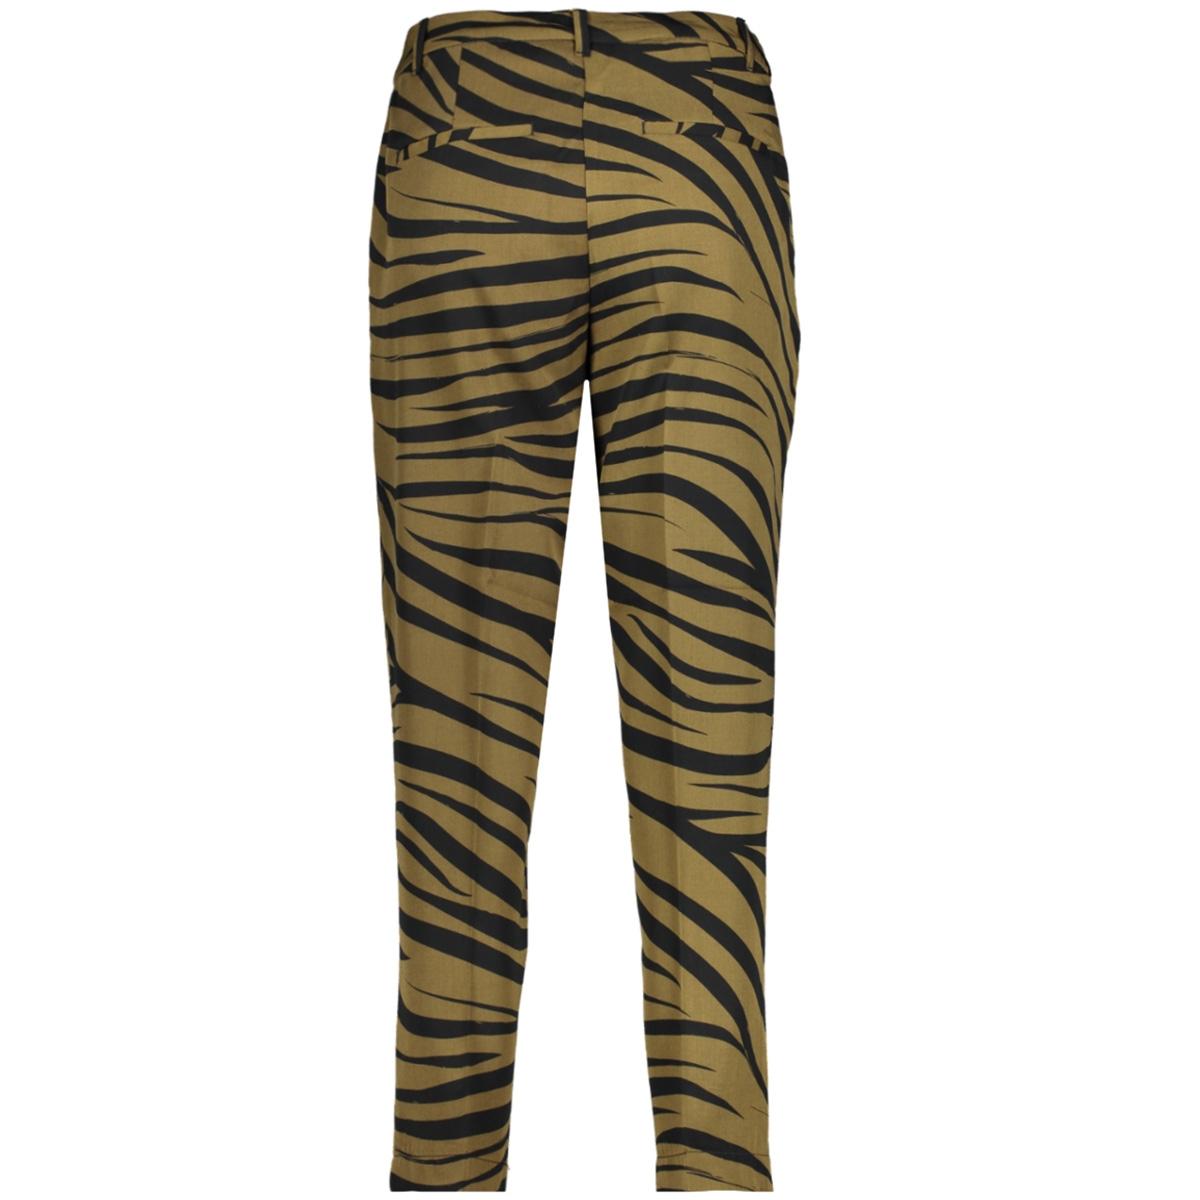 taps toelopende broek in zebra print 1018782xx77 tom tailor broek 22793